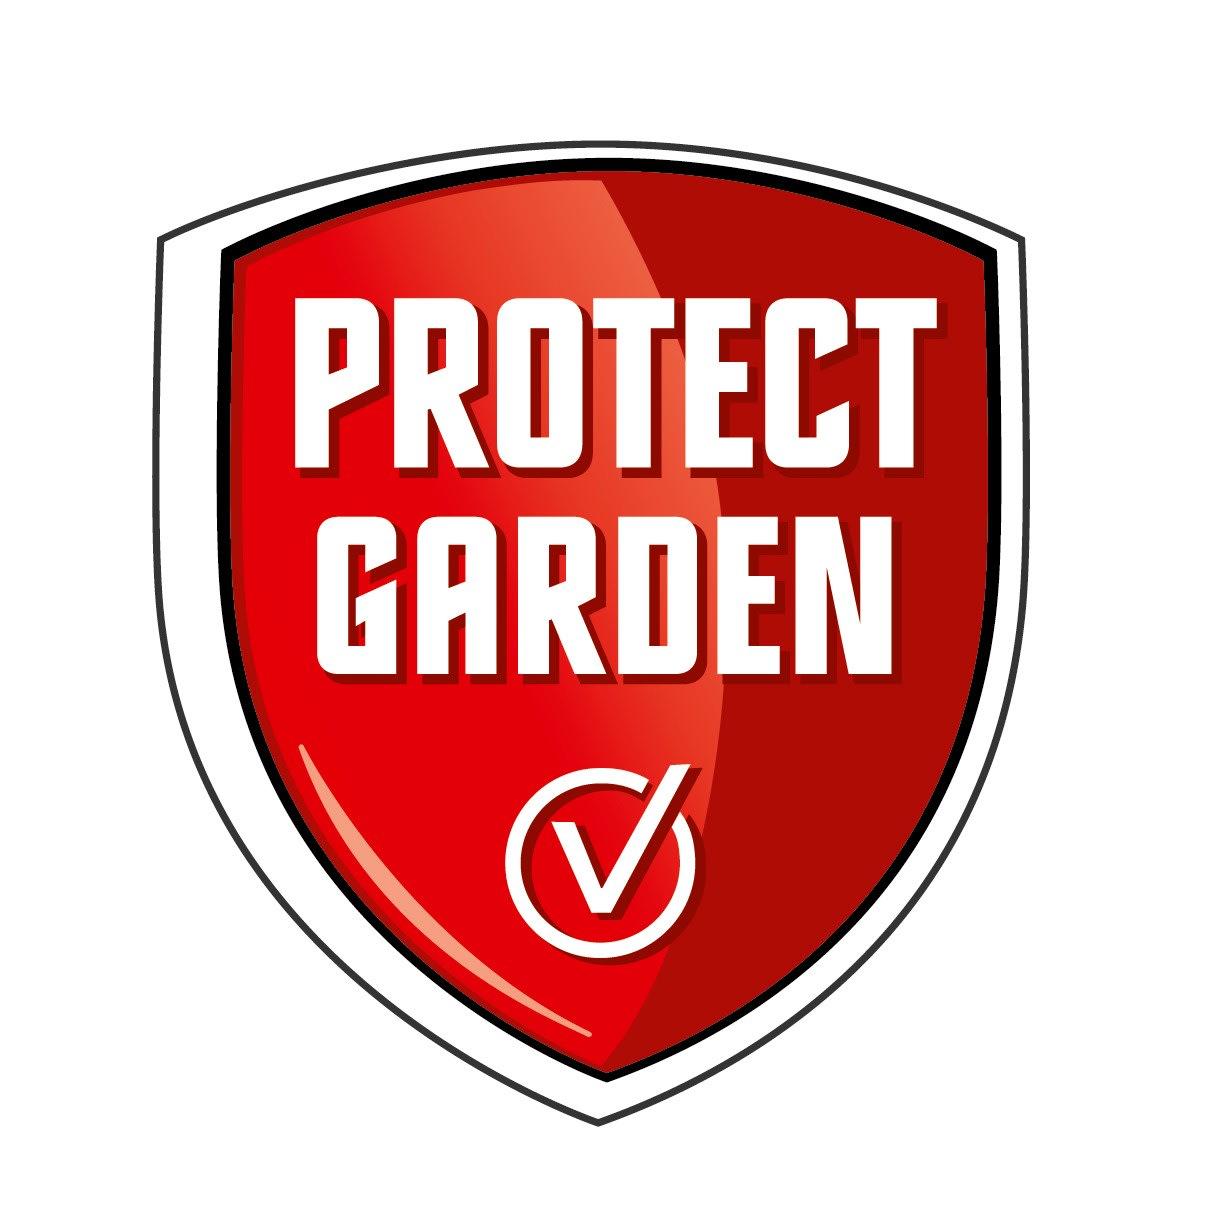 PROTECT_GARDEN